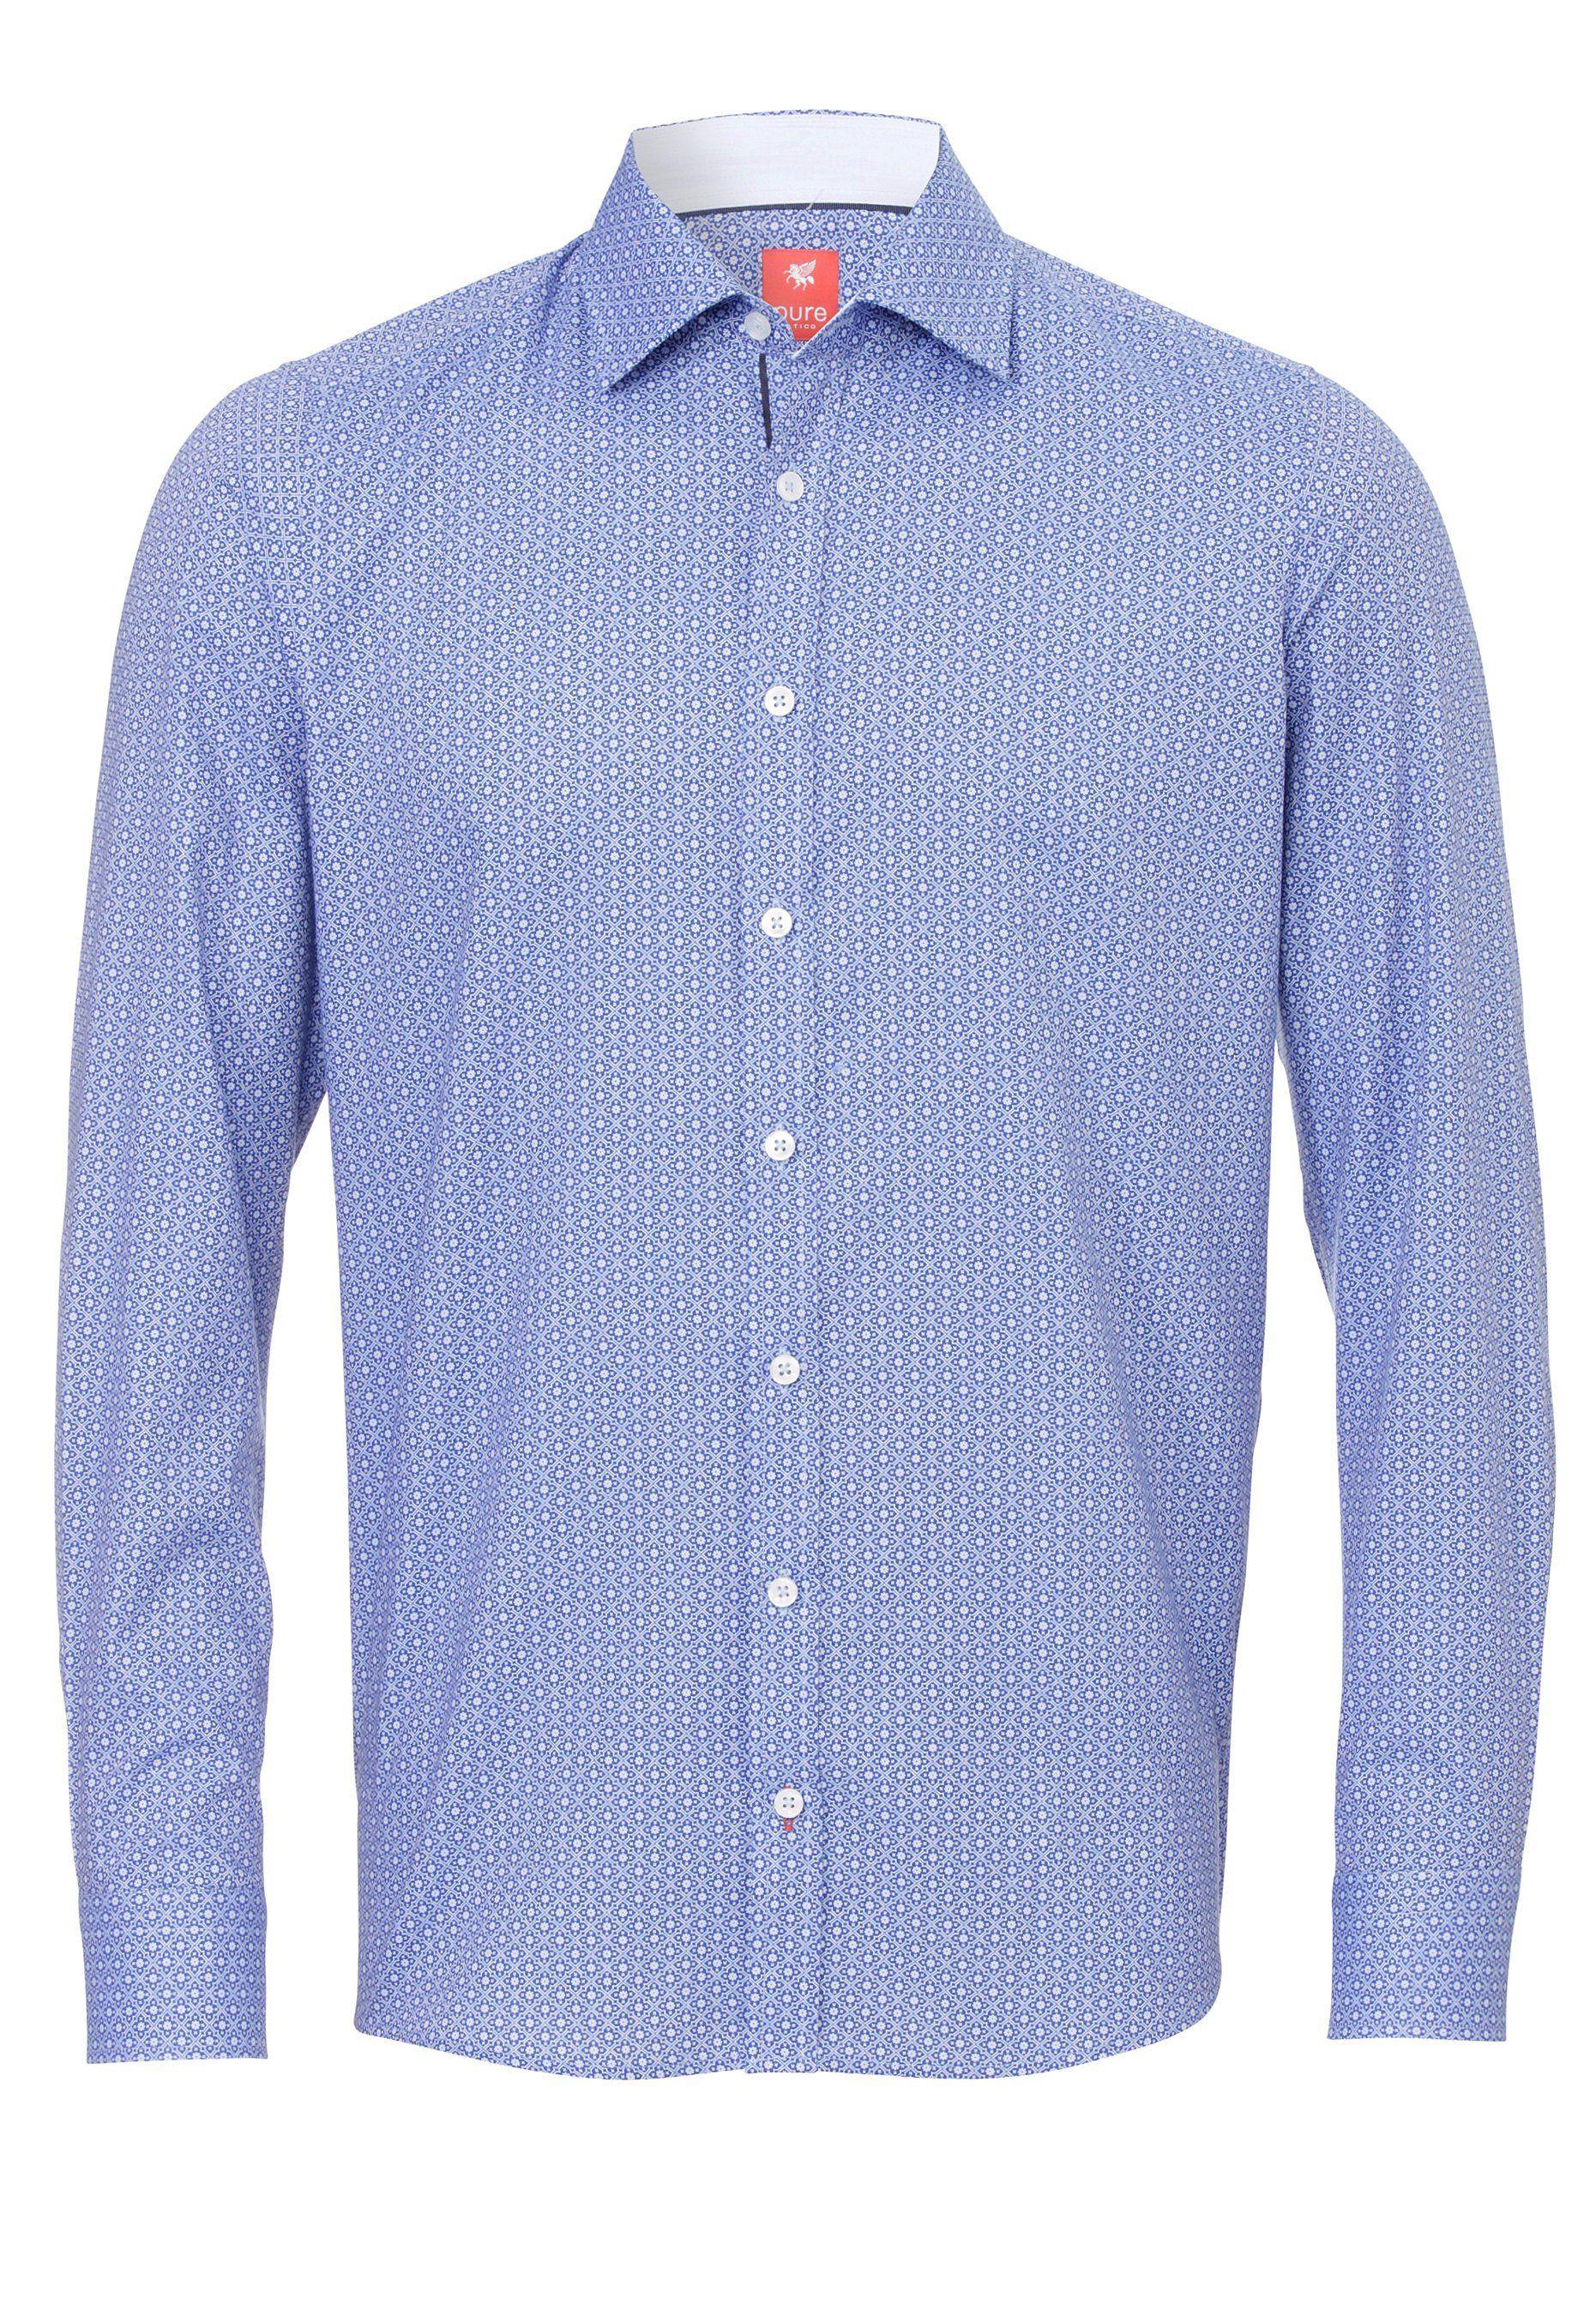 d2ef154ee3f9 Pin von Herrenmode Ladendirekt auf Hemden   Pinterest   Bekleidung, Herrin  und Oxford